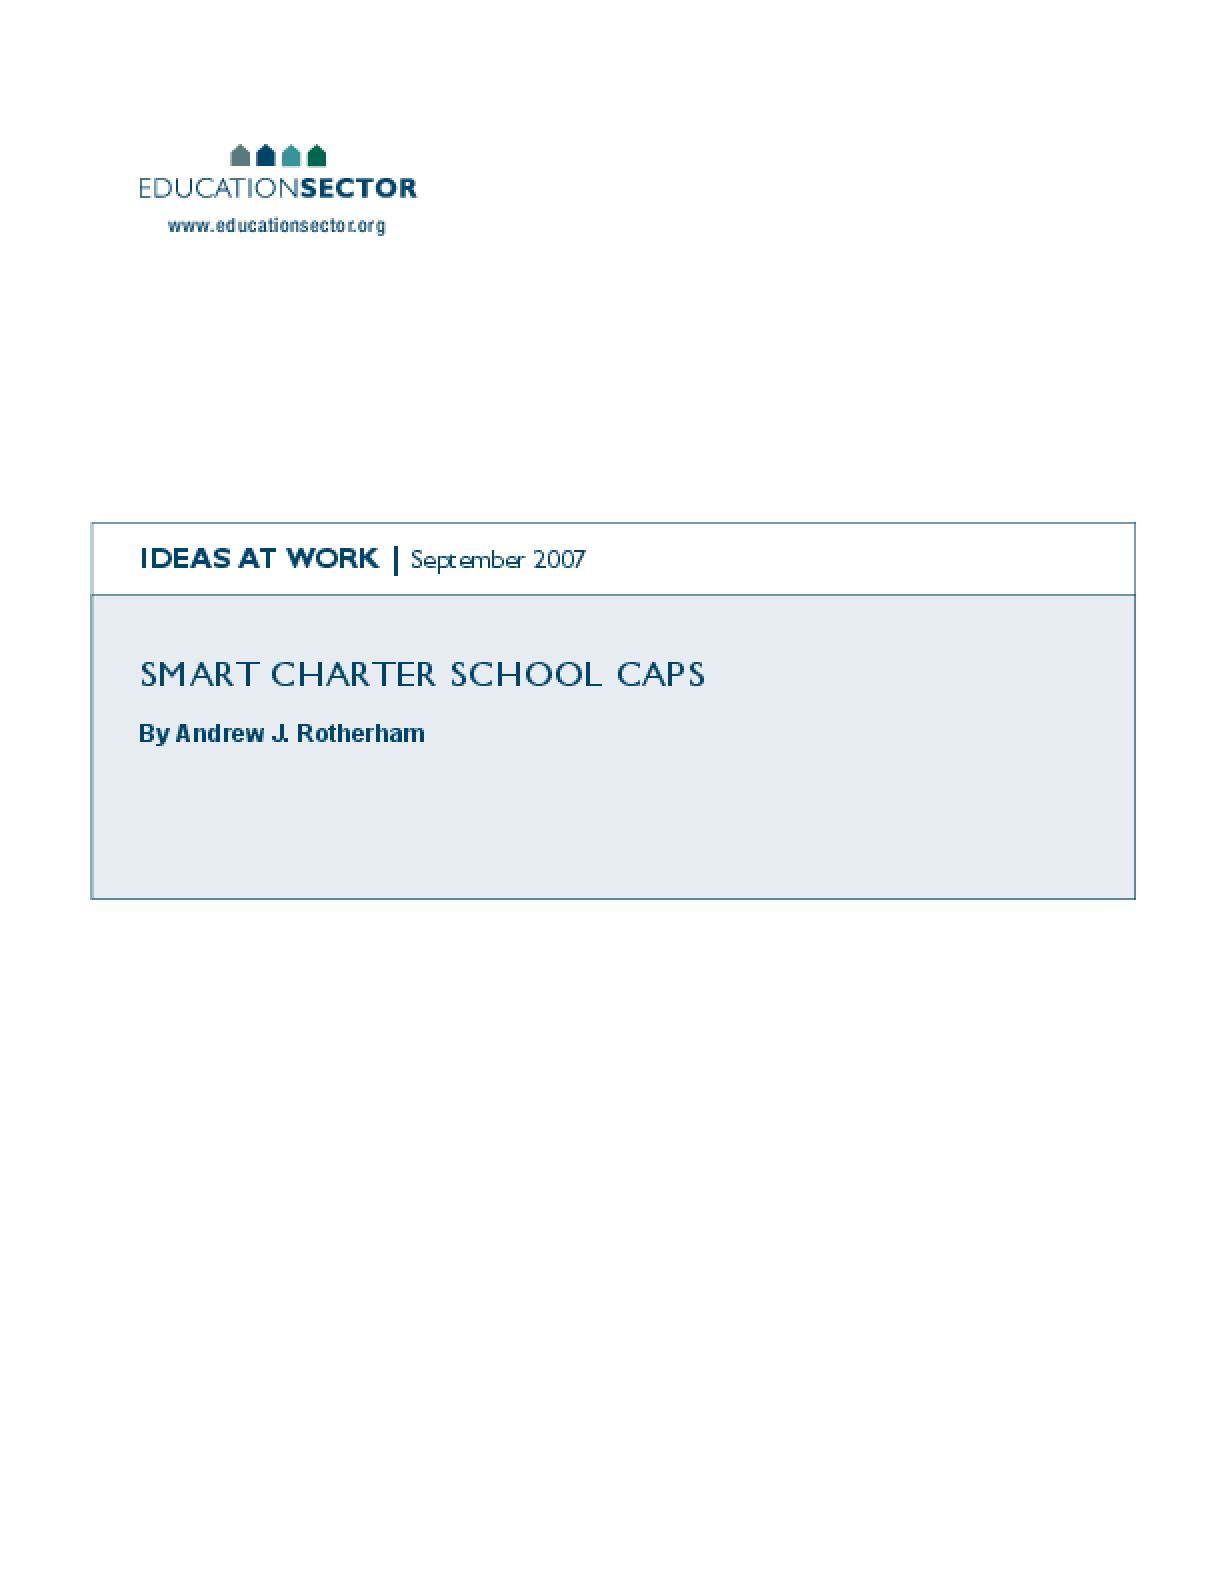 Smart Charter School Caps